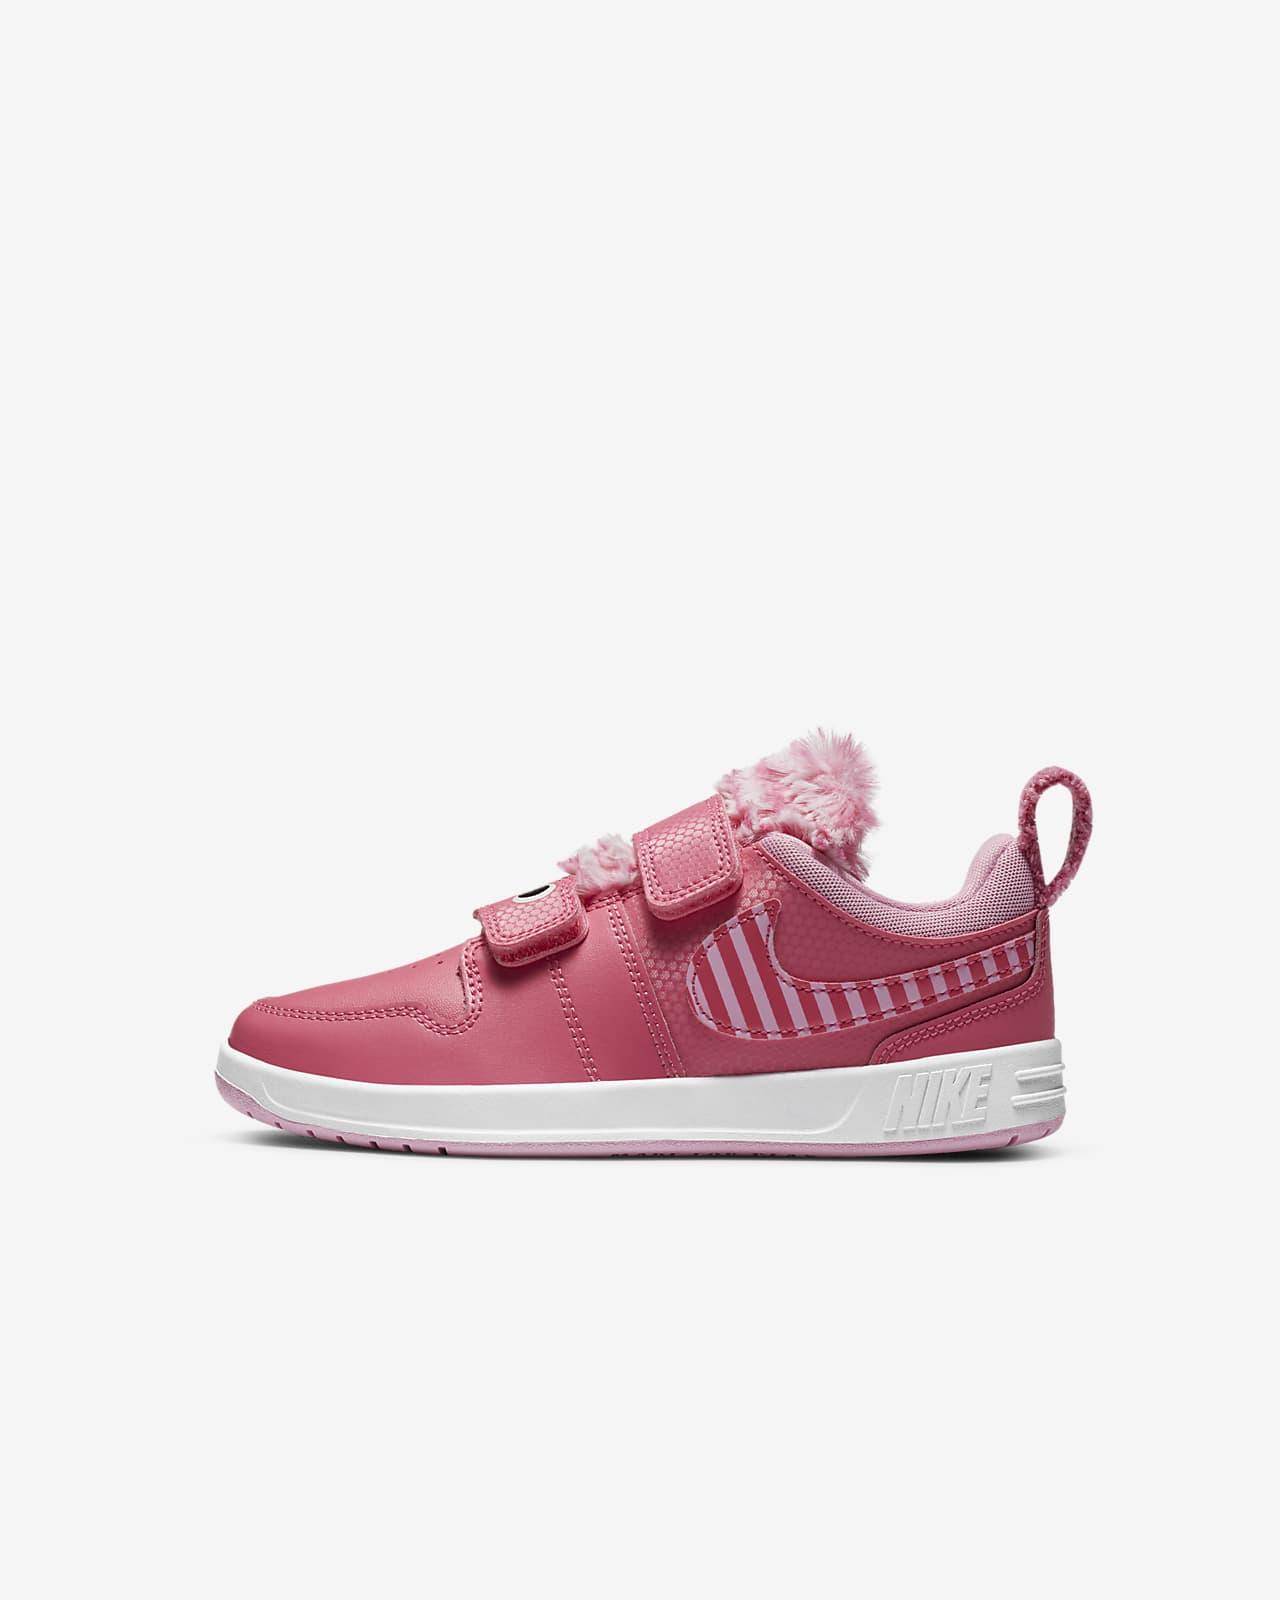 Nike Pico 5 Lil (PSV) 幼童运动童鞋